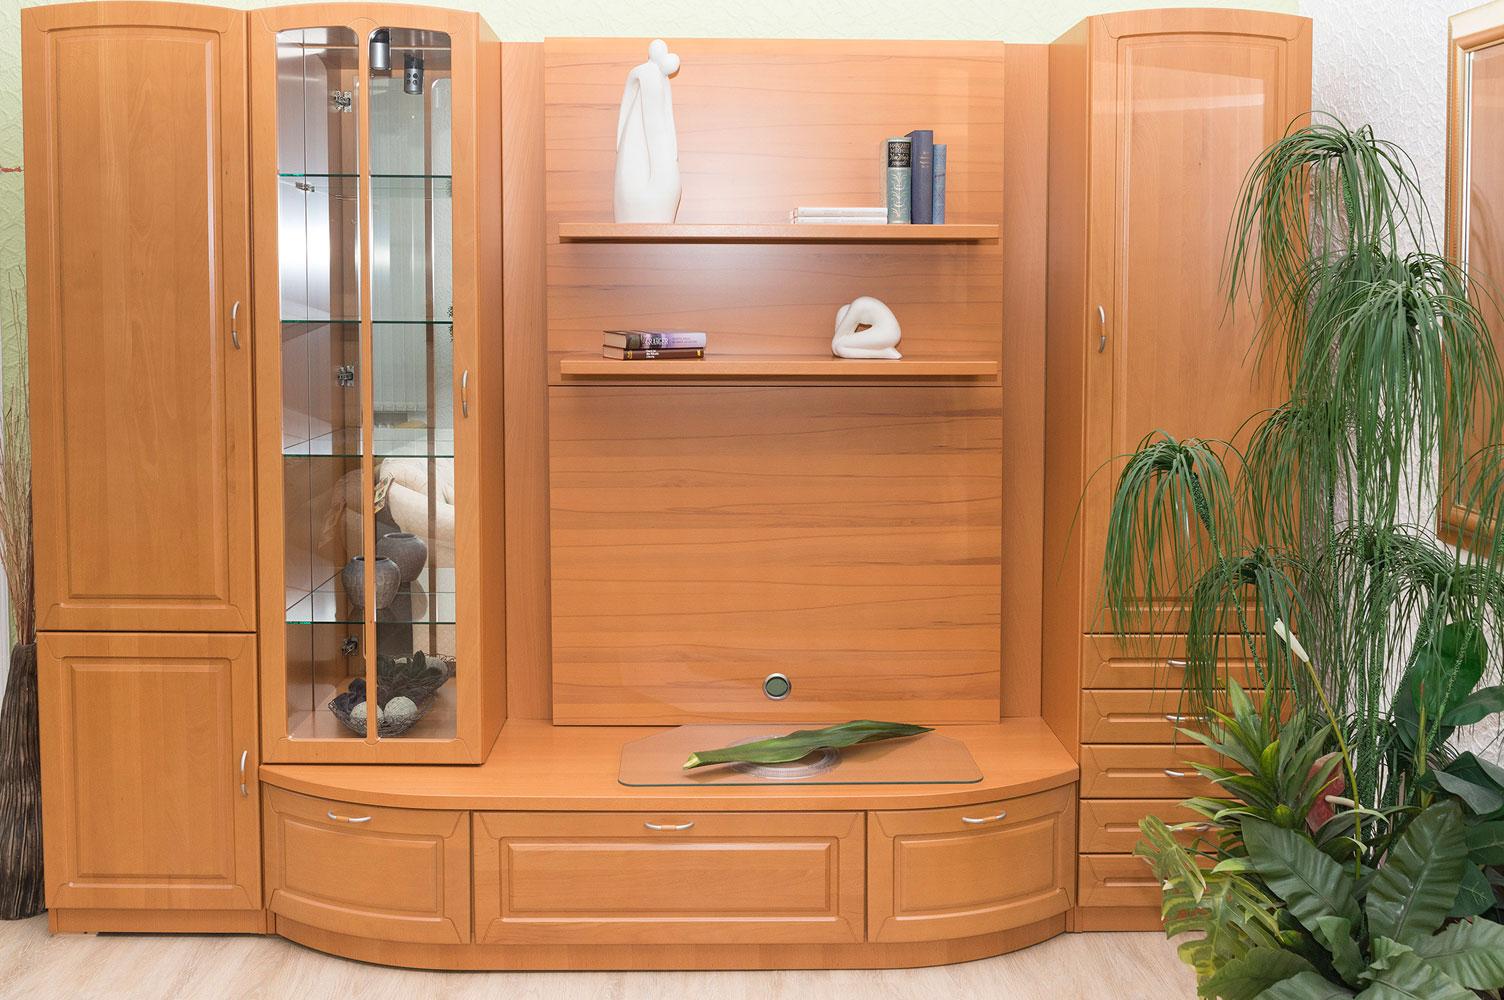 schrankwand mit viel stauraum m bel schmidt waldb ckelheim. Black Bedroom Furniture Sets. Home Design Ideas